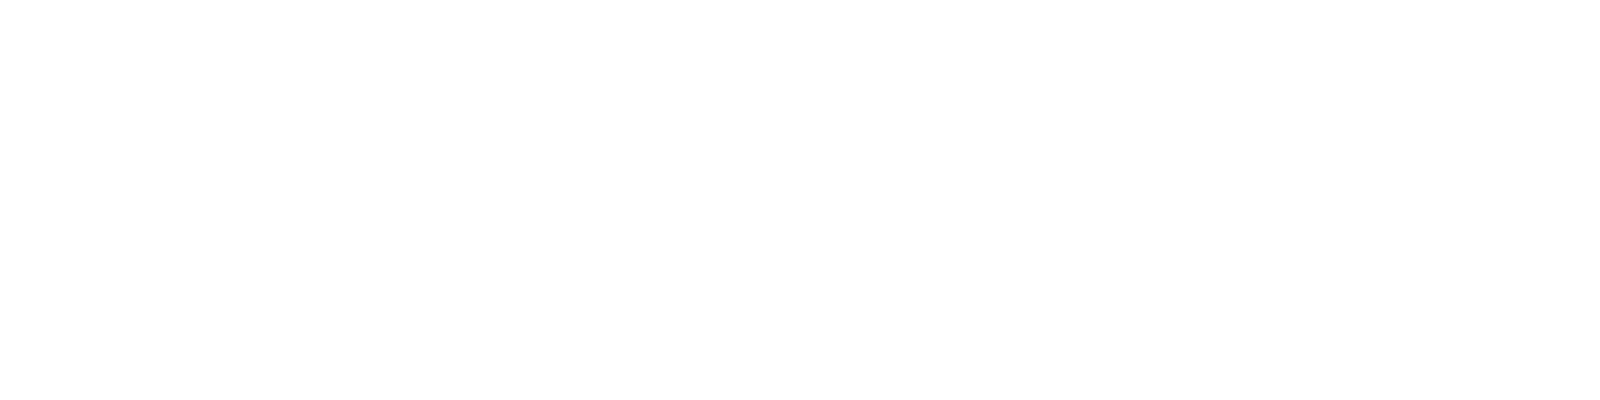 Farma7